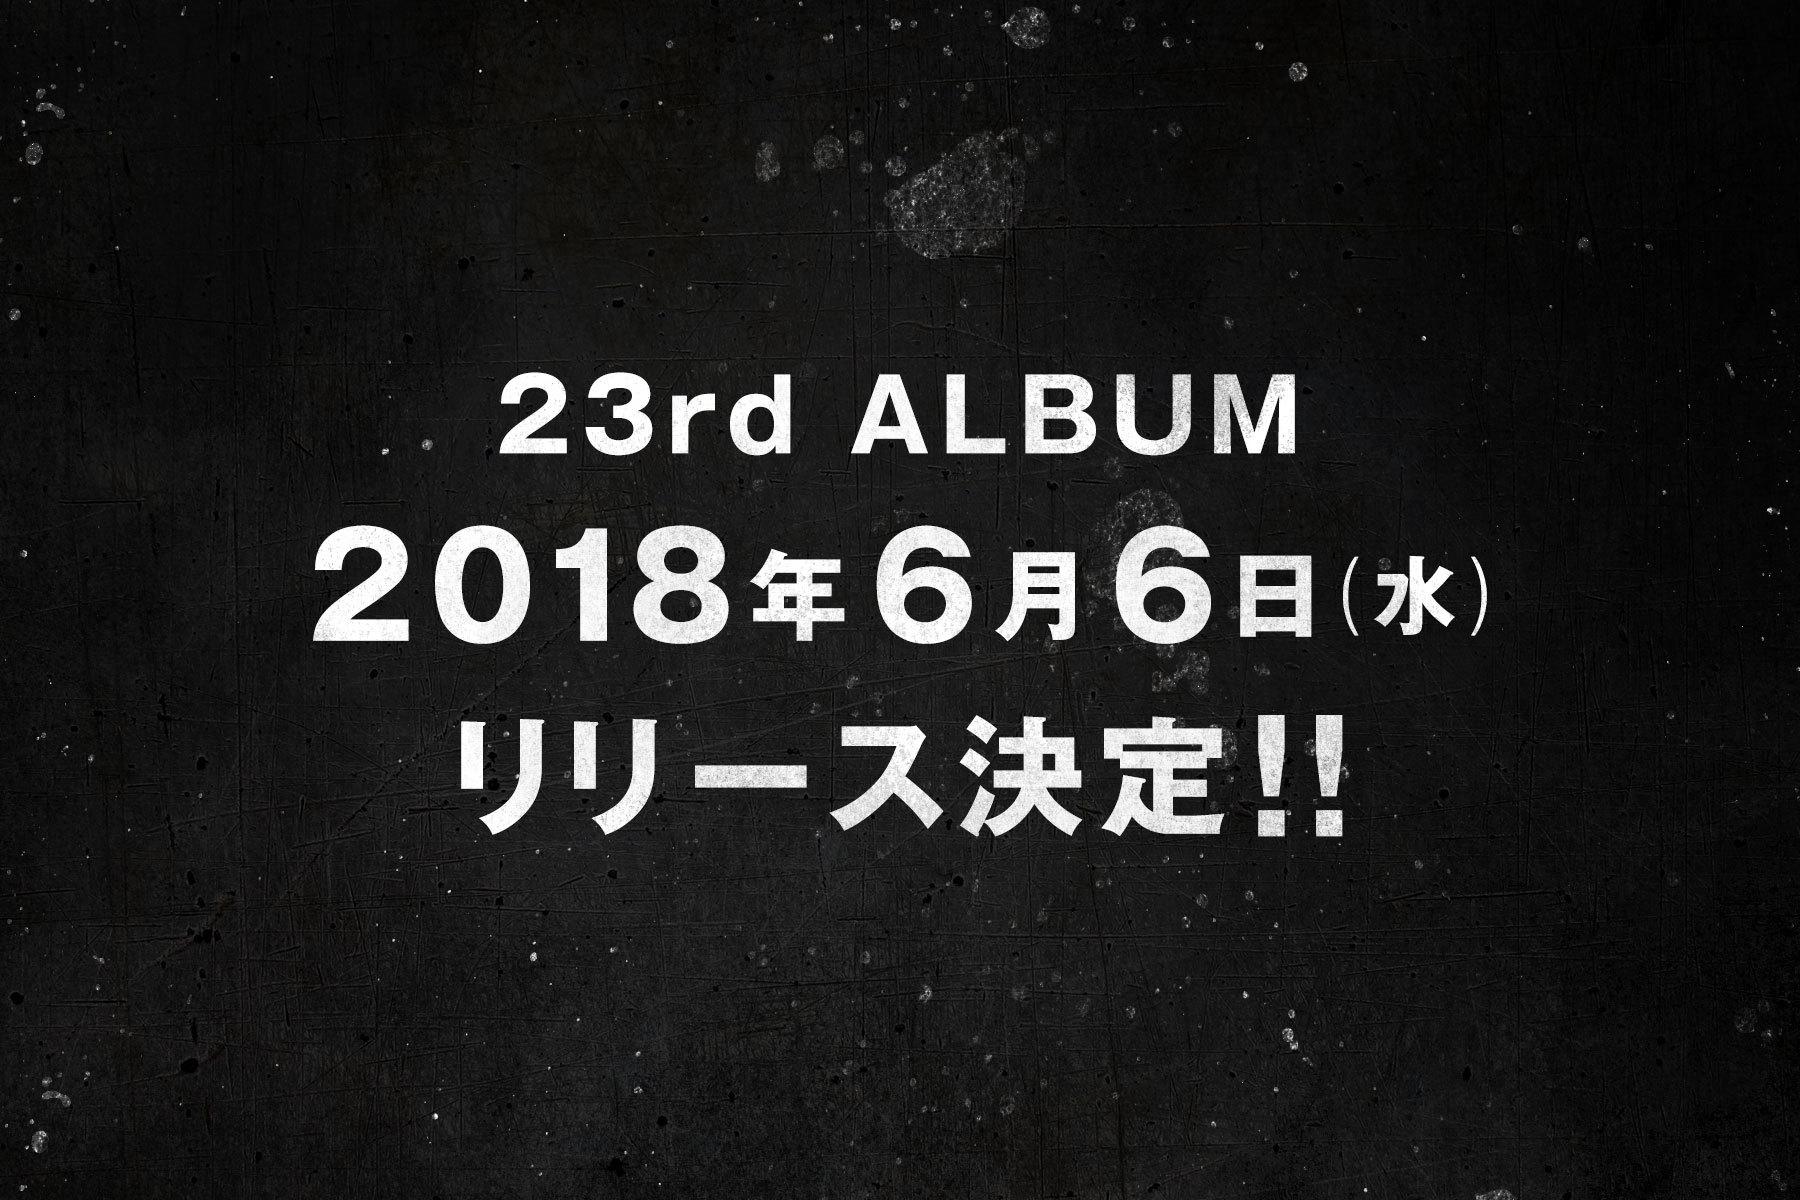 ALBUMリリース